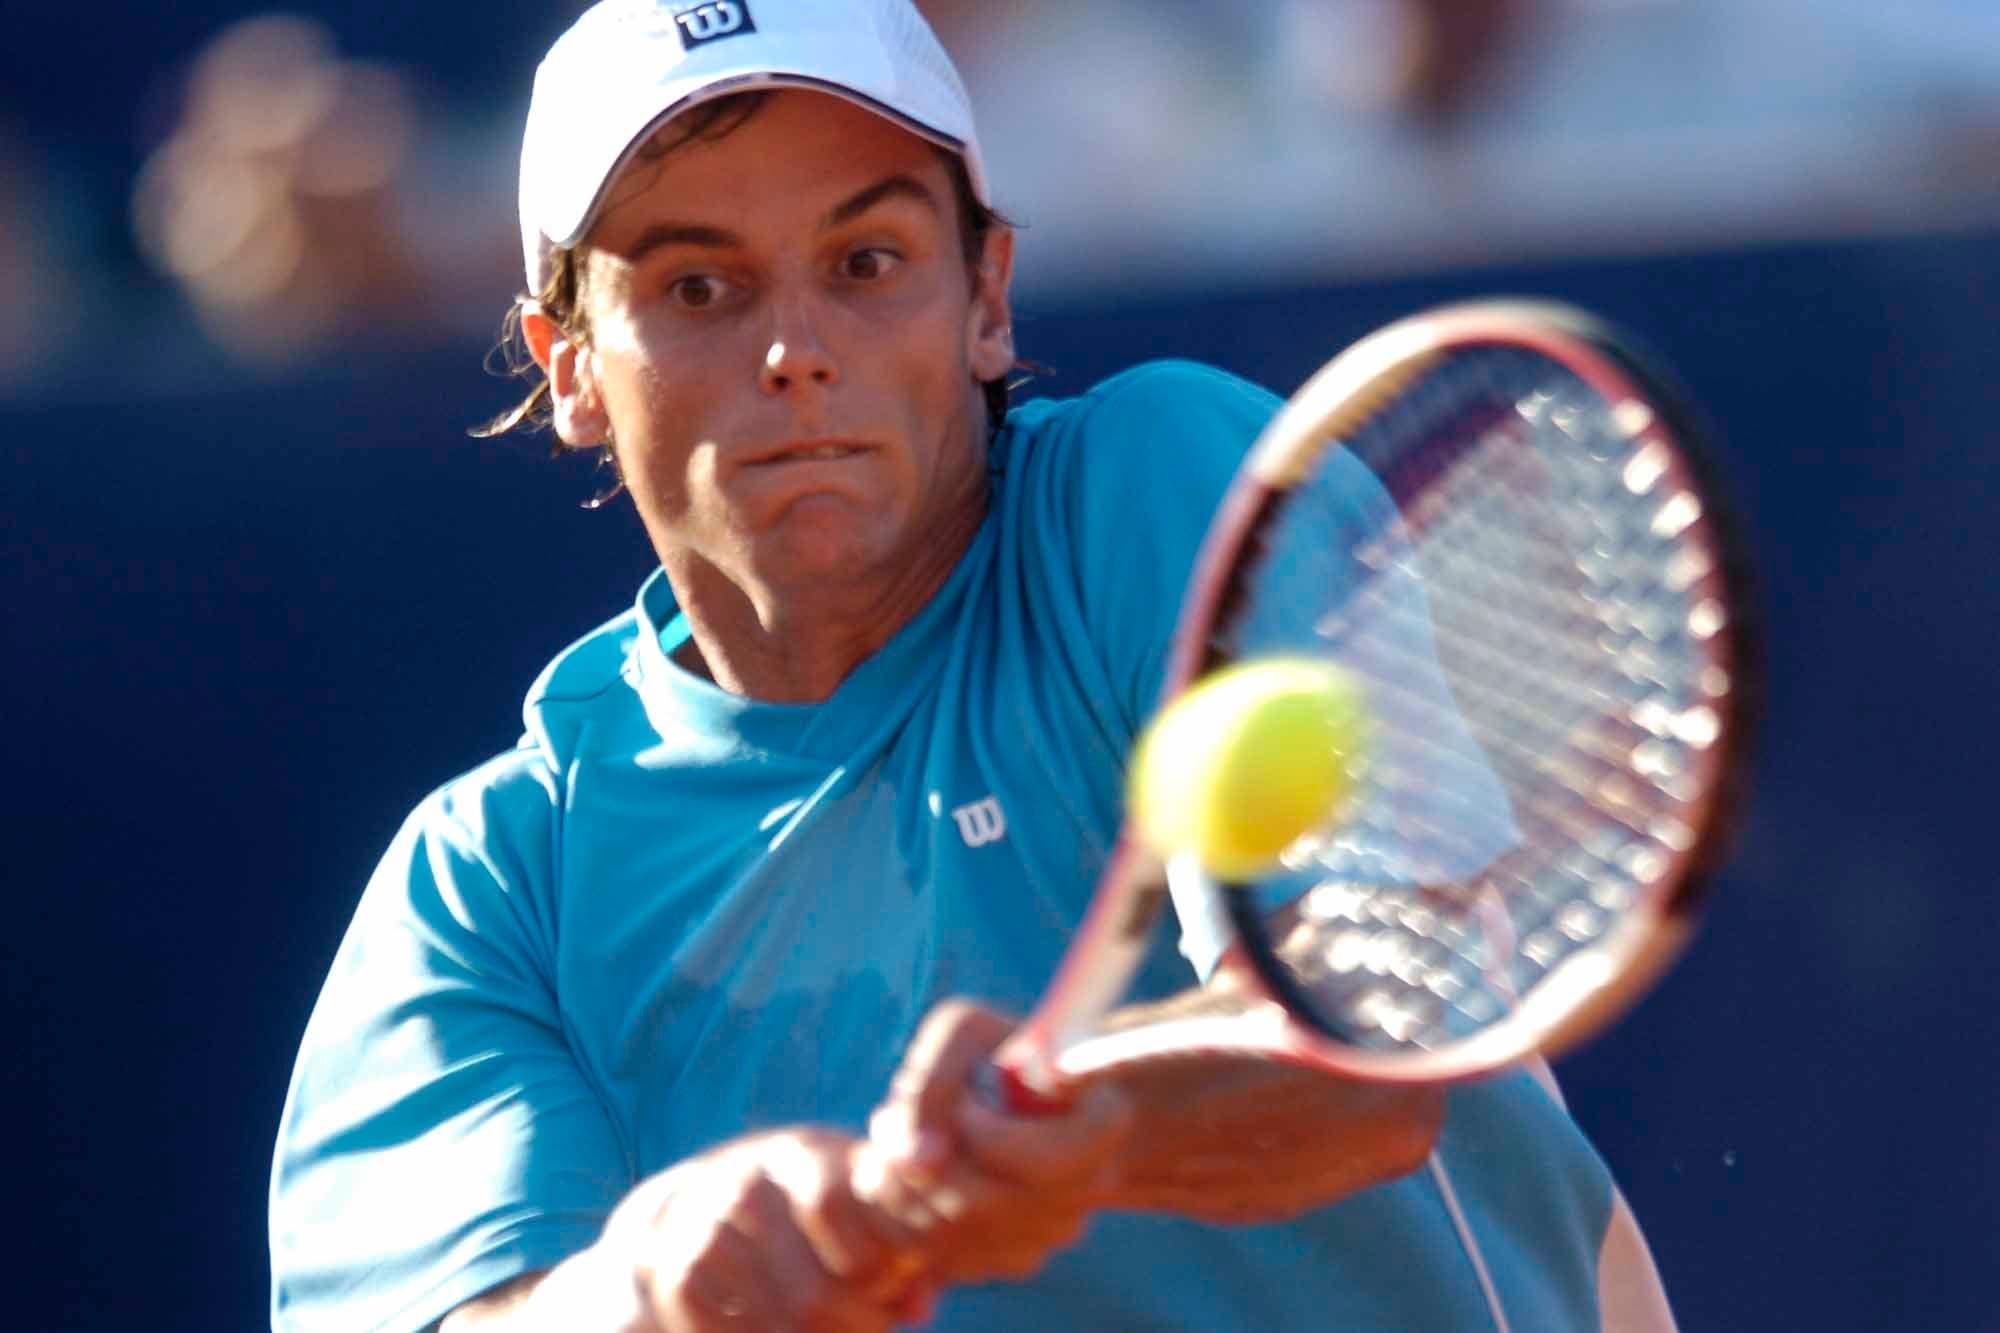 El exjugador de tenis que vuelca su experiencia deportiva en las finanzas